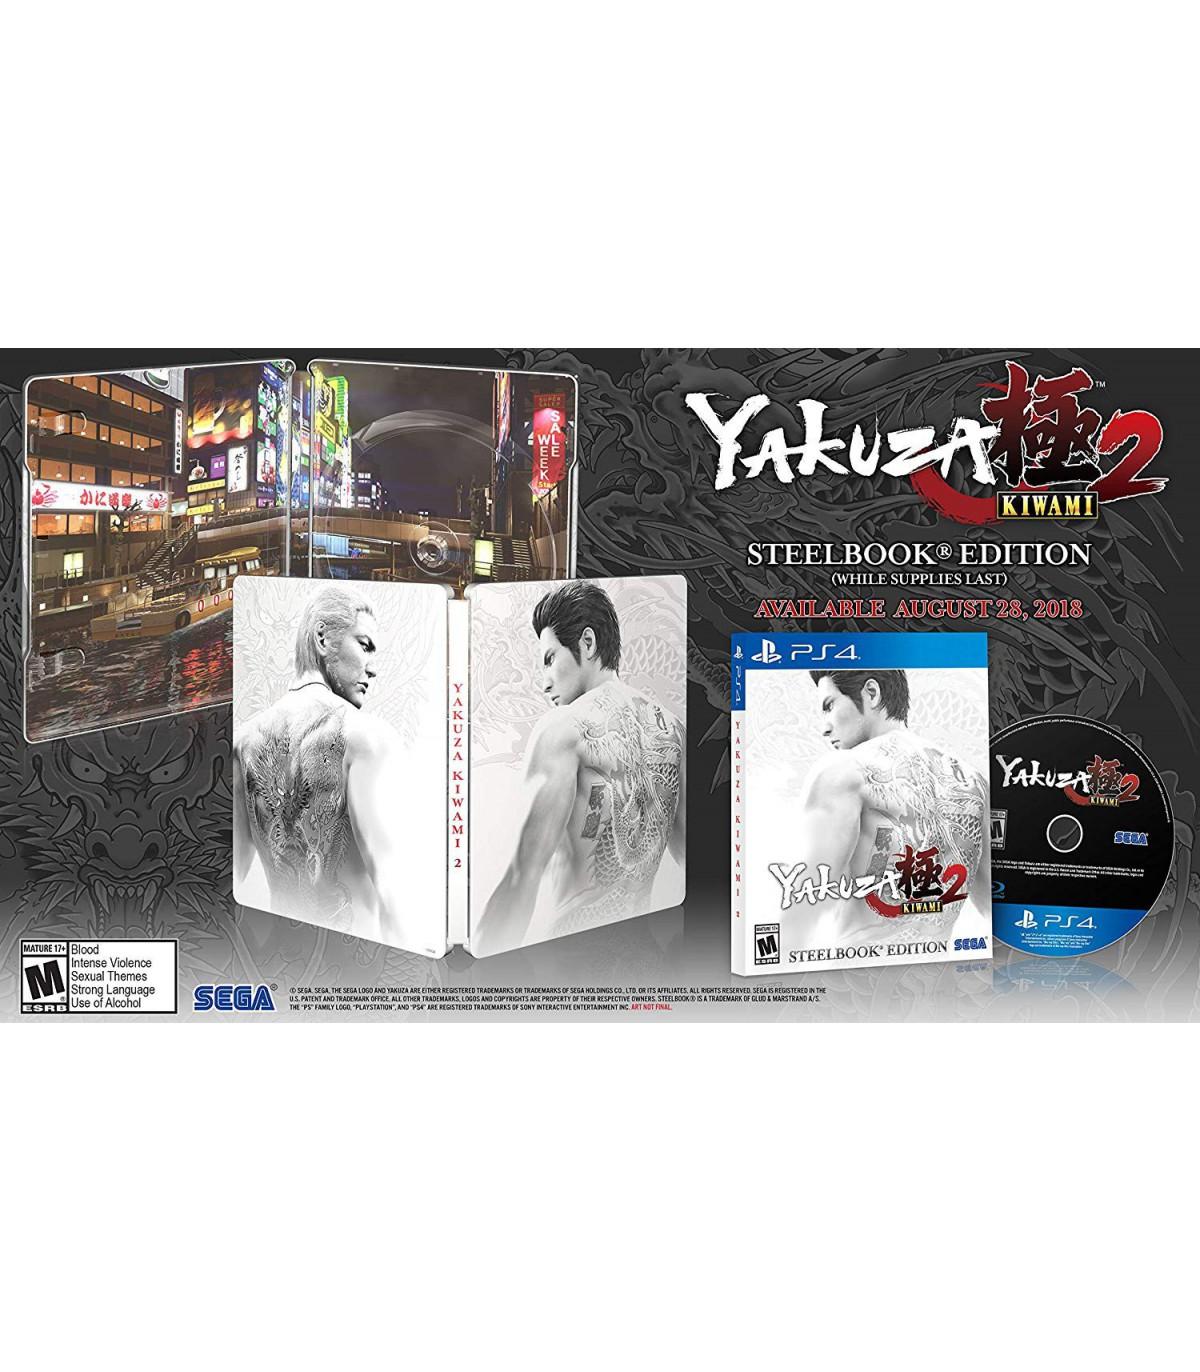 بازی Yakuza Kiwami 2: SteelBook Edition - پلی استیشن 4